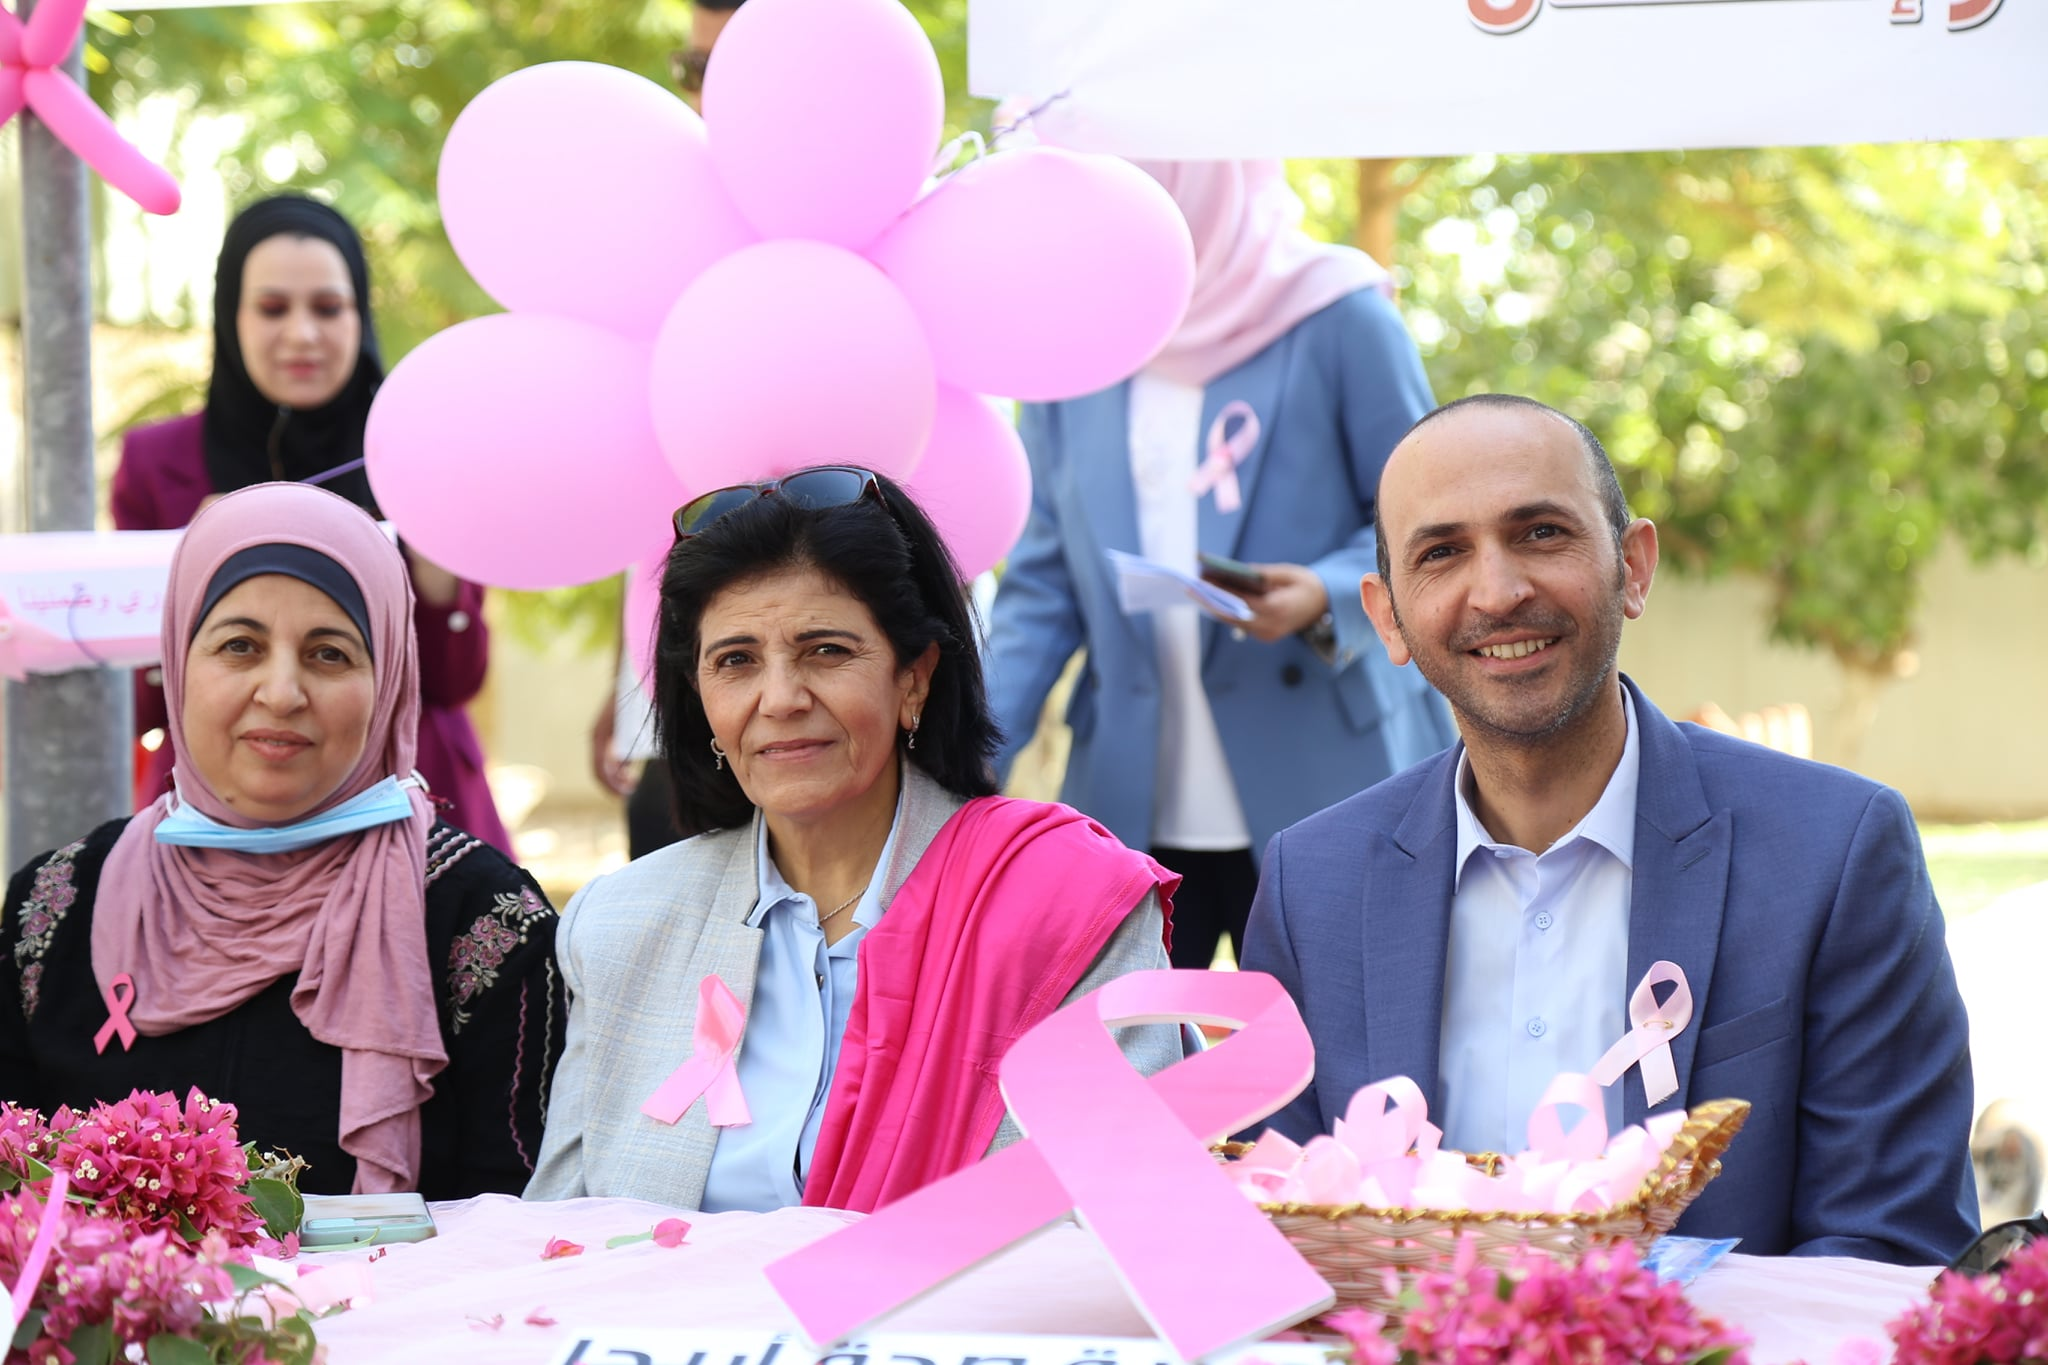 مديرية الصحة ومحافظة اريحا والأغوار تطلقان فعاليات اكتوبر الوردي للتوعية بسرطان الثدي